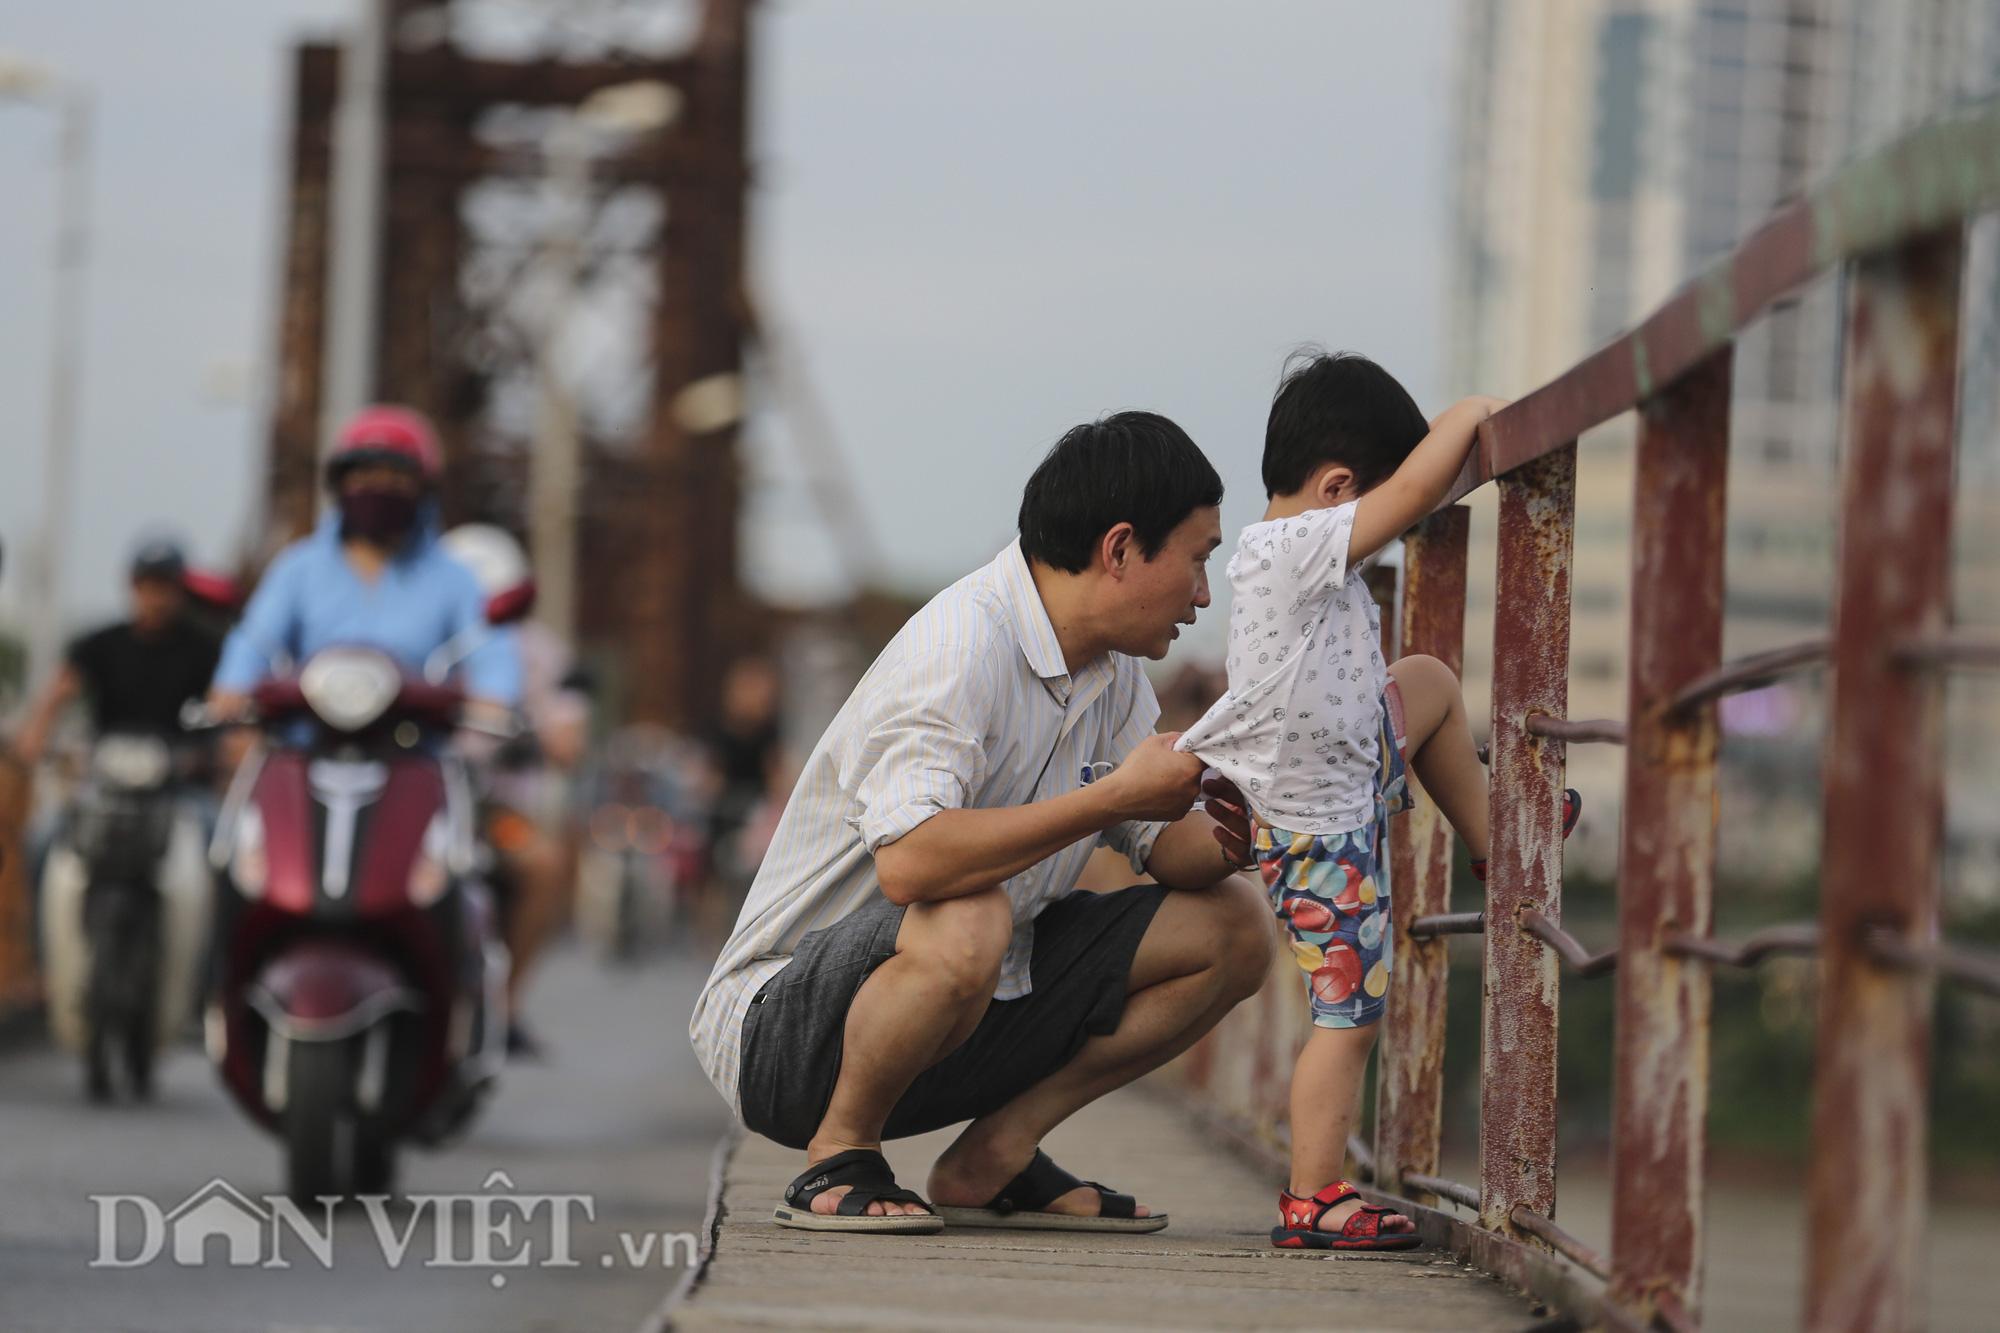 Mặc biển cấm, người dân vẫn vô tư đi bộ trên cầu Long Biên - Ảnh 4.